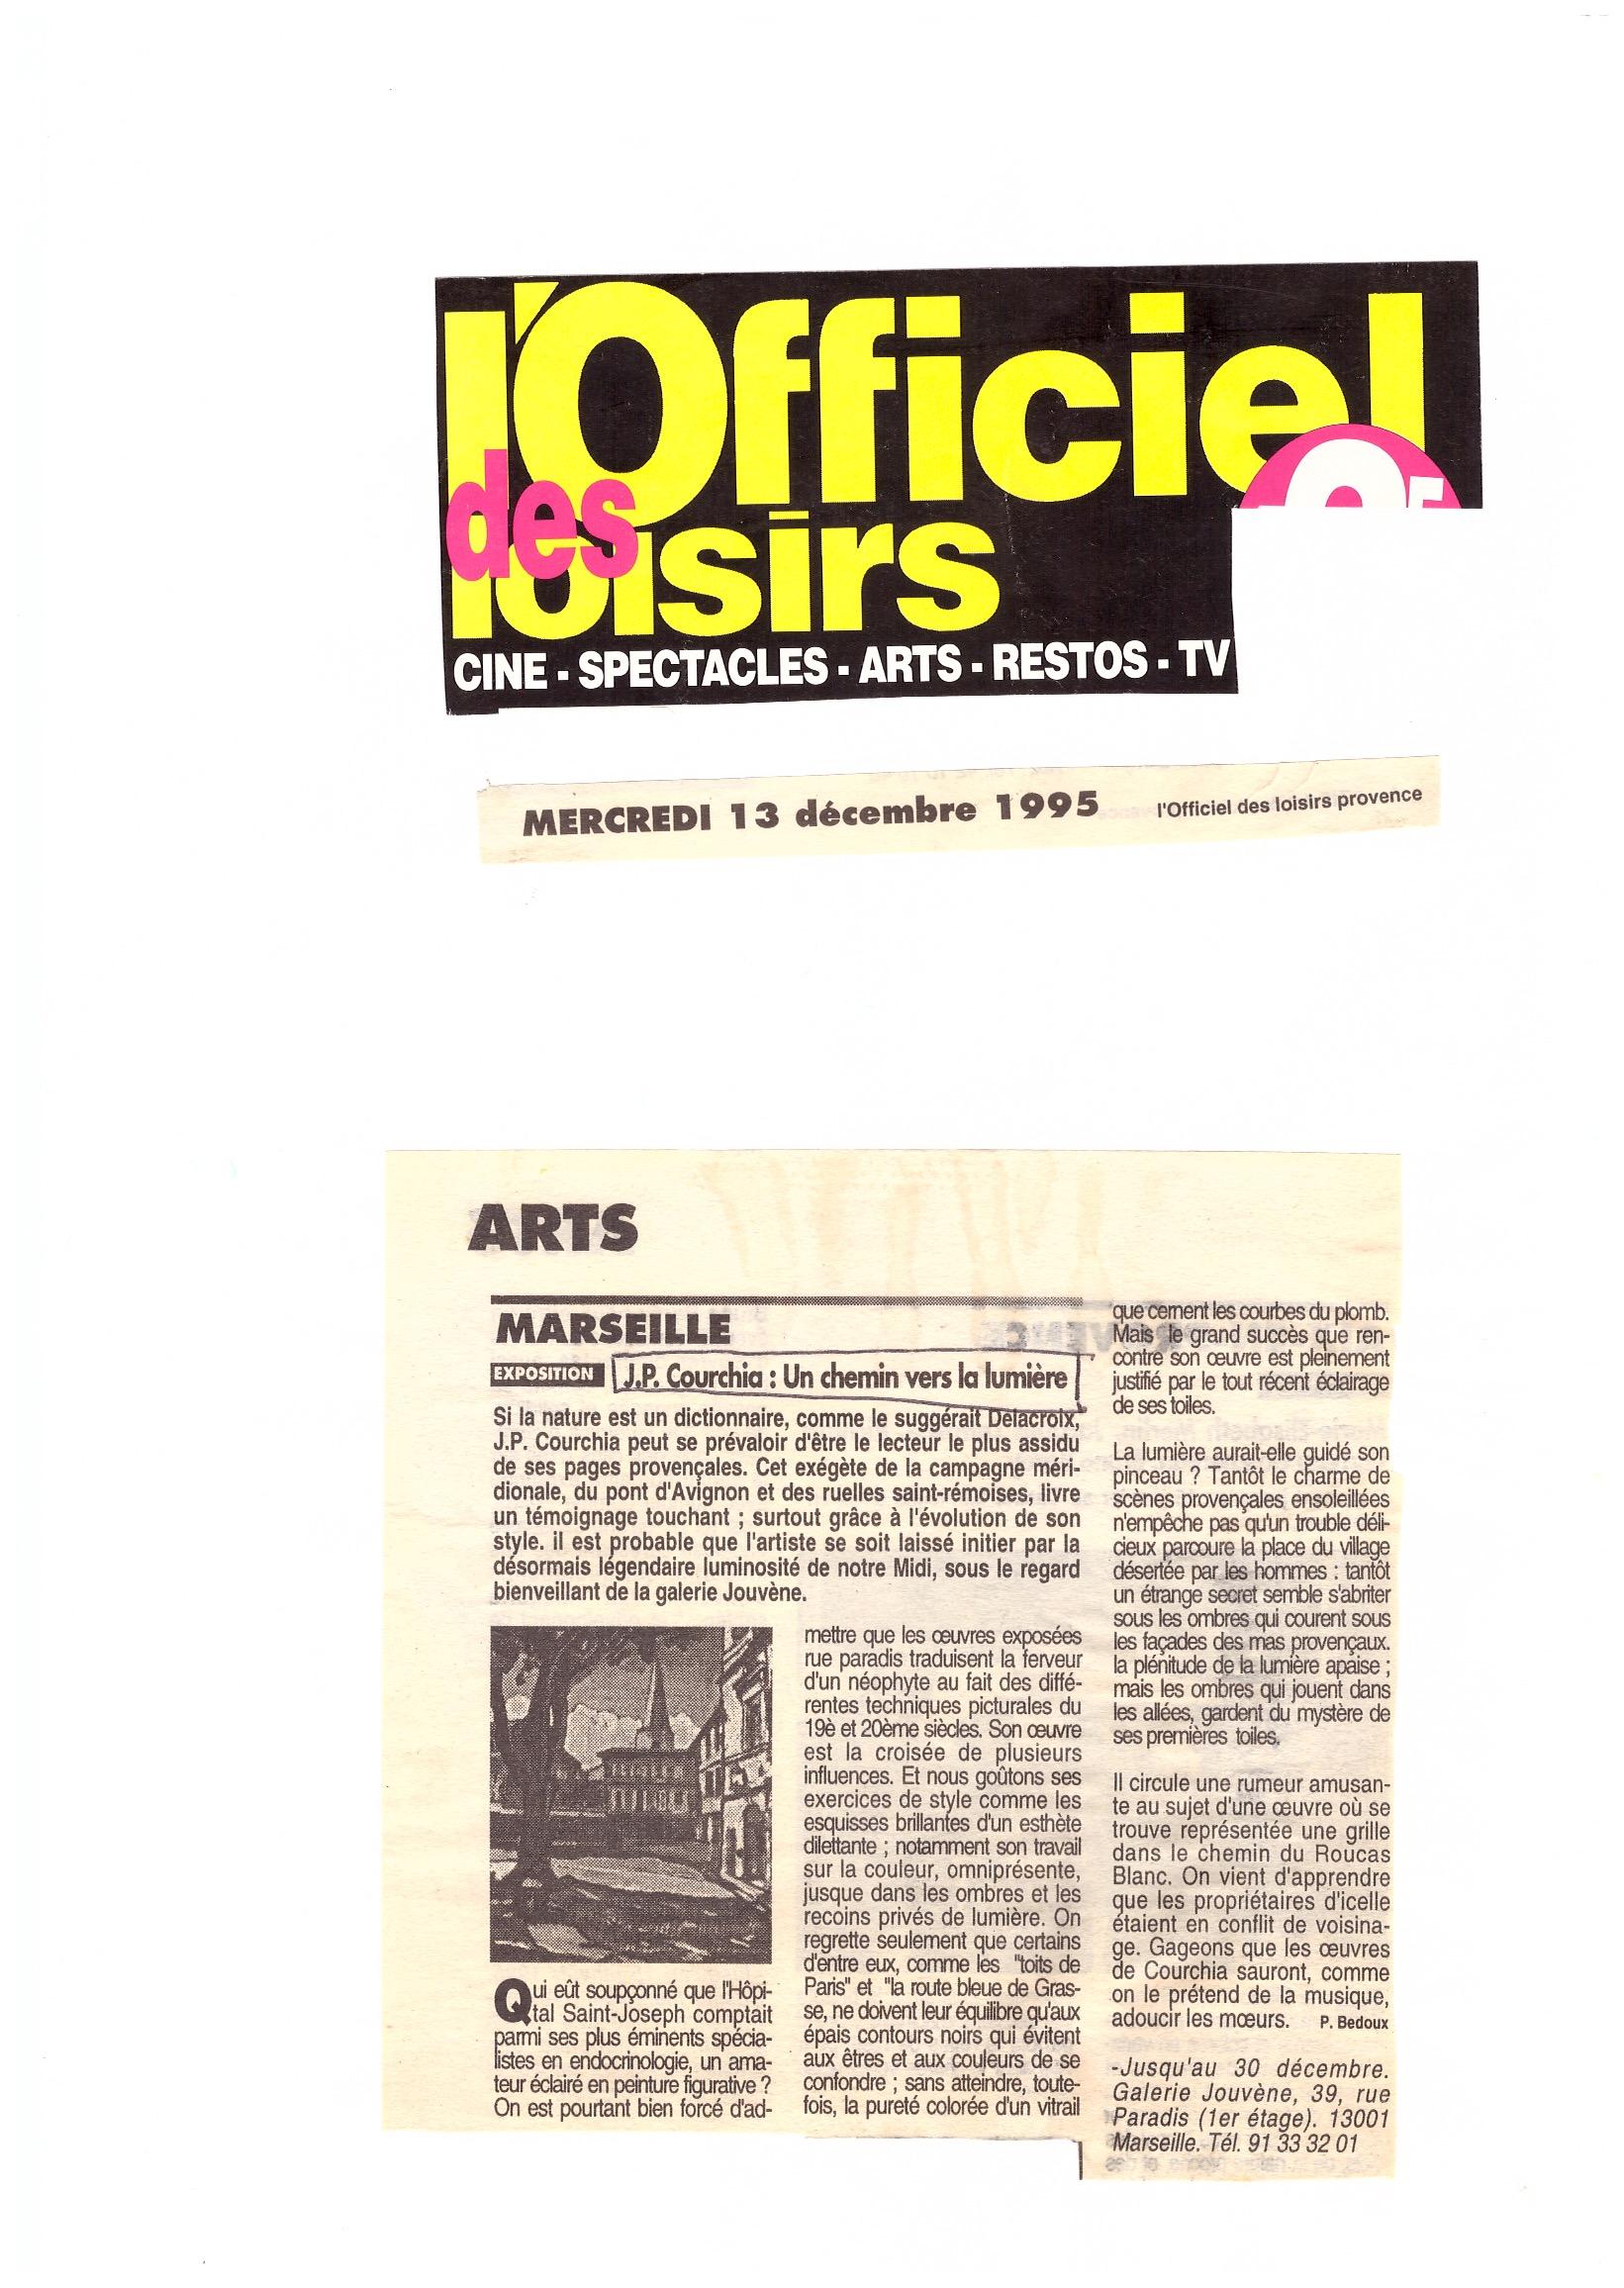 1995 OFFICIEL DES LOISIRS - copie